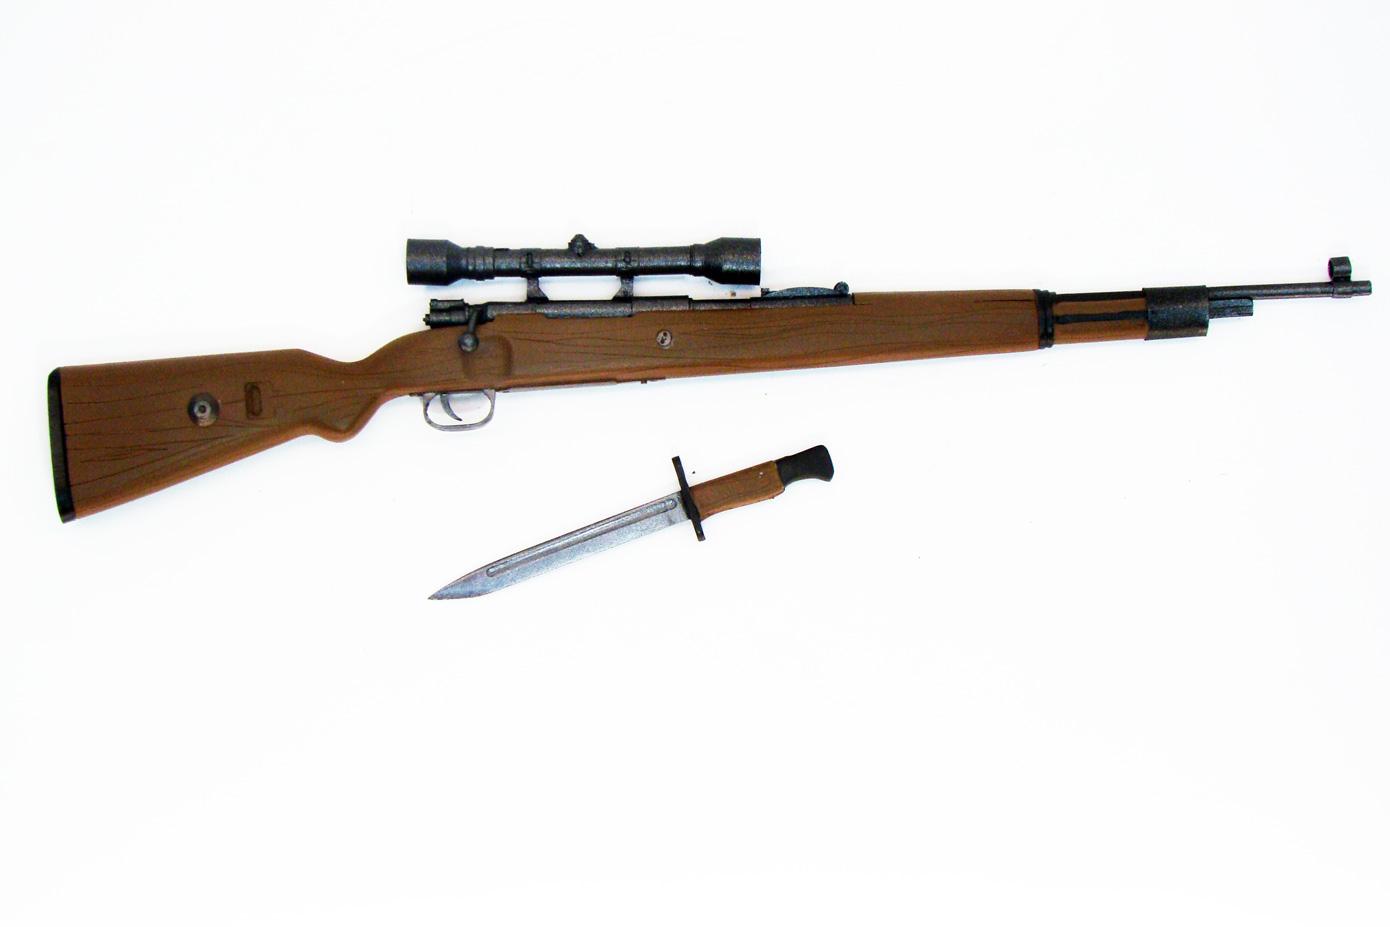 Макет винтовки Mauser K98 от Verlinden в масштабе 1:4